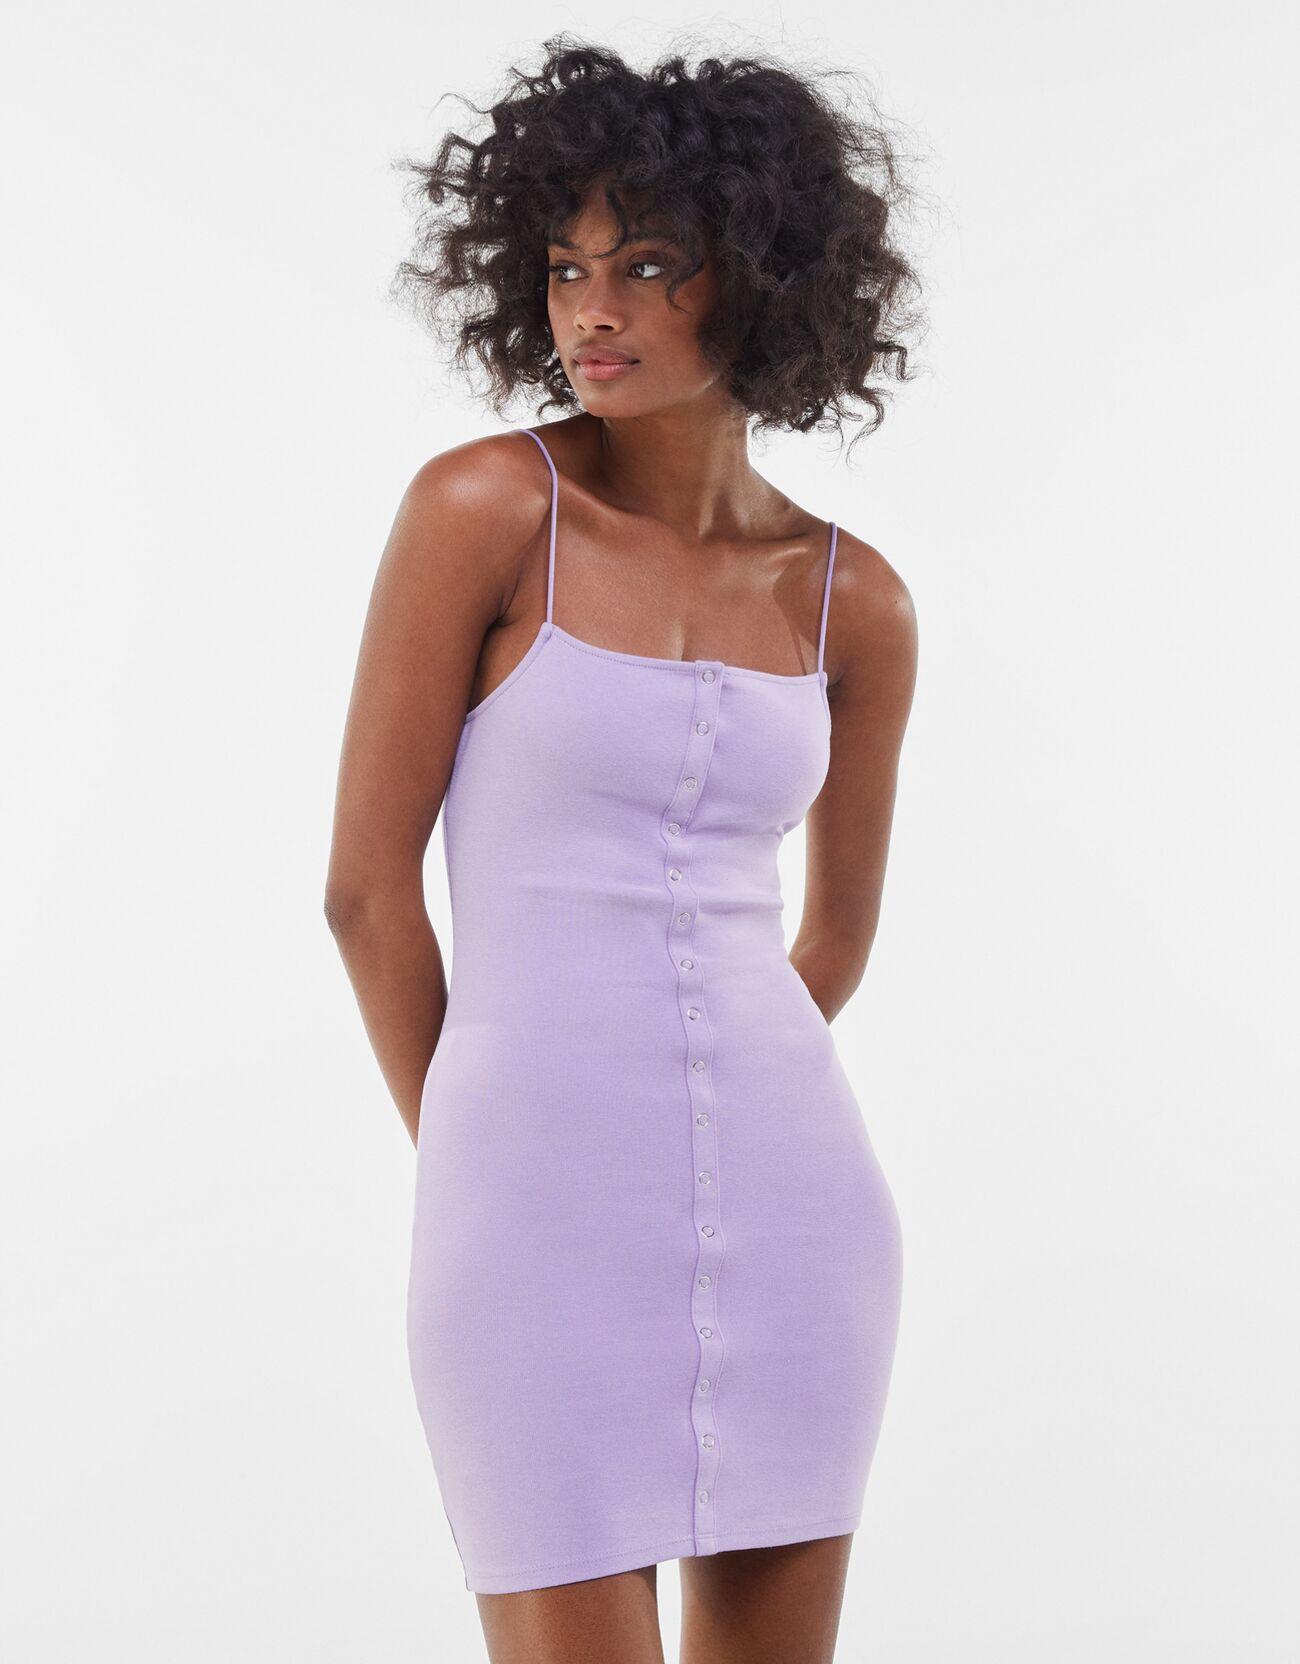 bershka -  Kurzes Kleid Mit Knöpfen Und Patentbündchen Damen Xs Violett